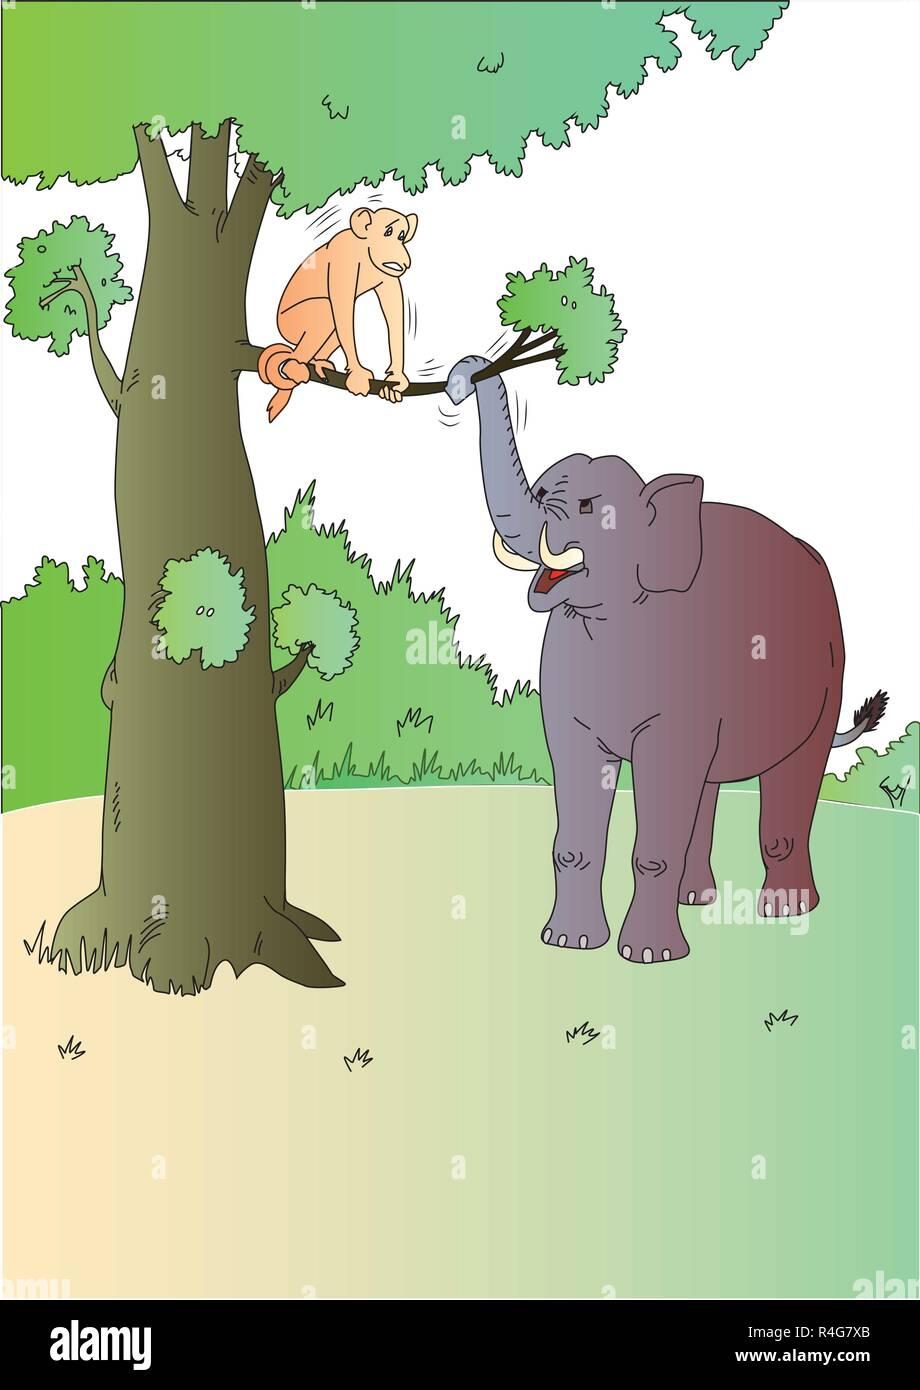 Clipart Tiere Elefanten Und Affen Vektor Abbildung Bild 226550867